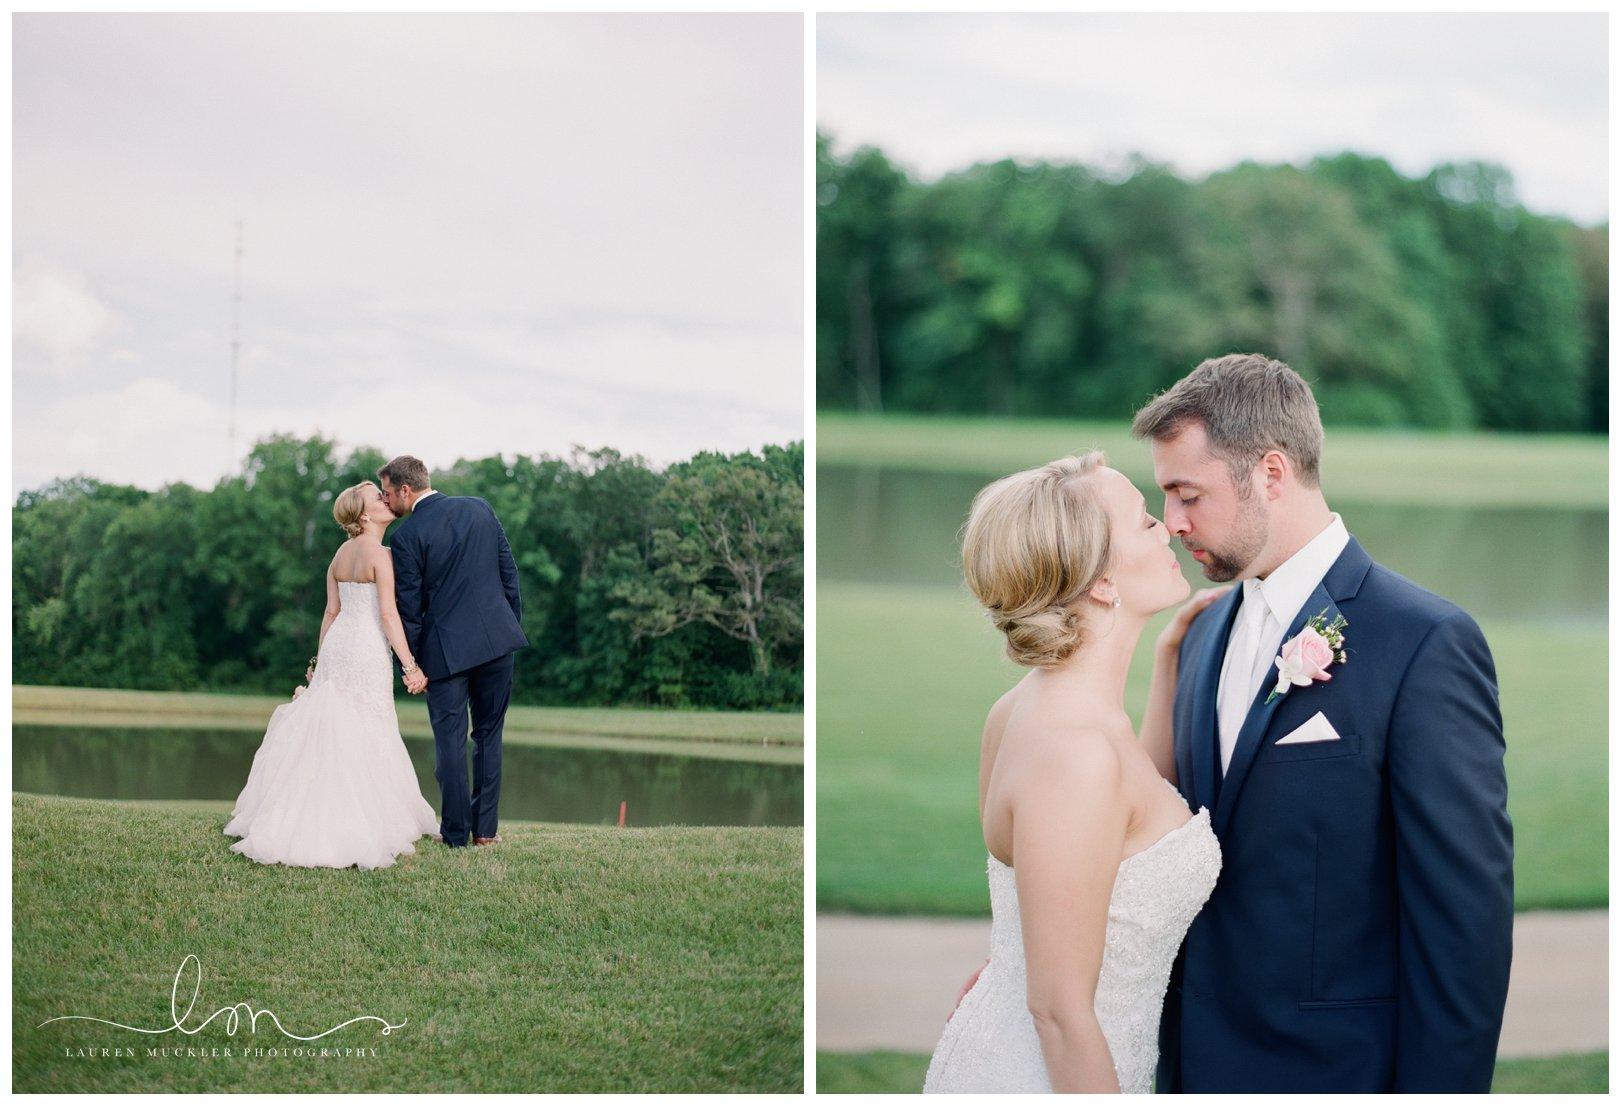 lauren muckler photography_fine art film wedding photography_st louis_photography_0397.jpg